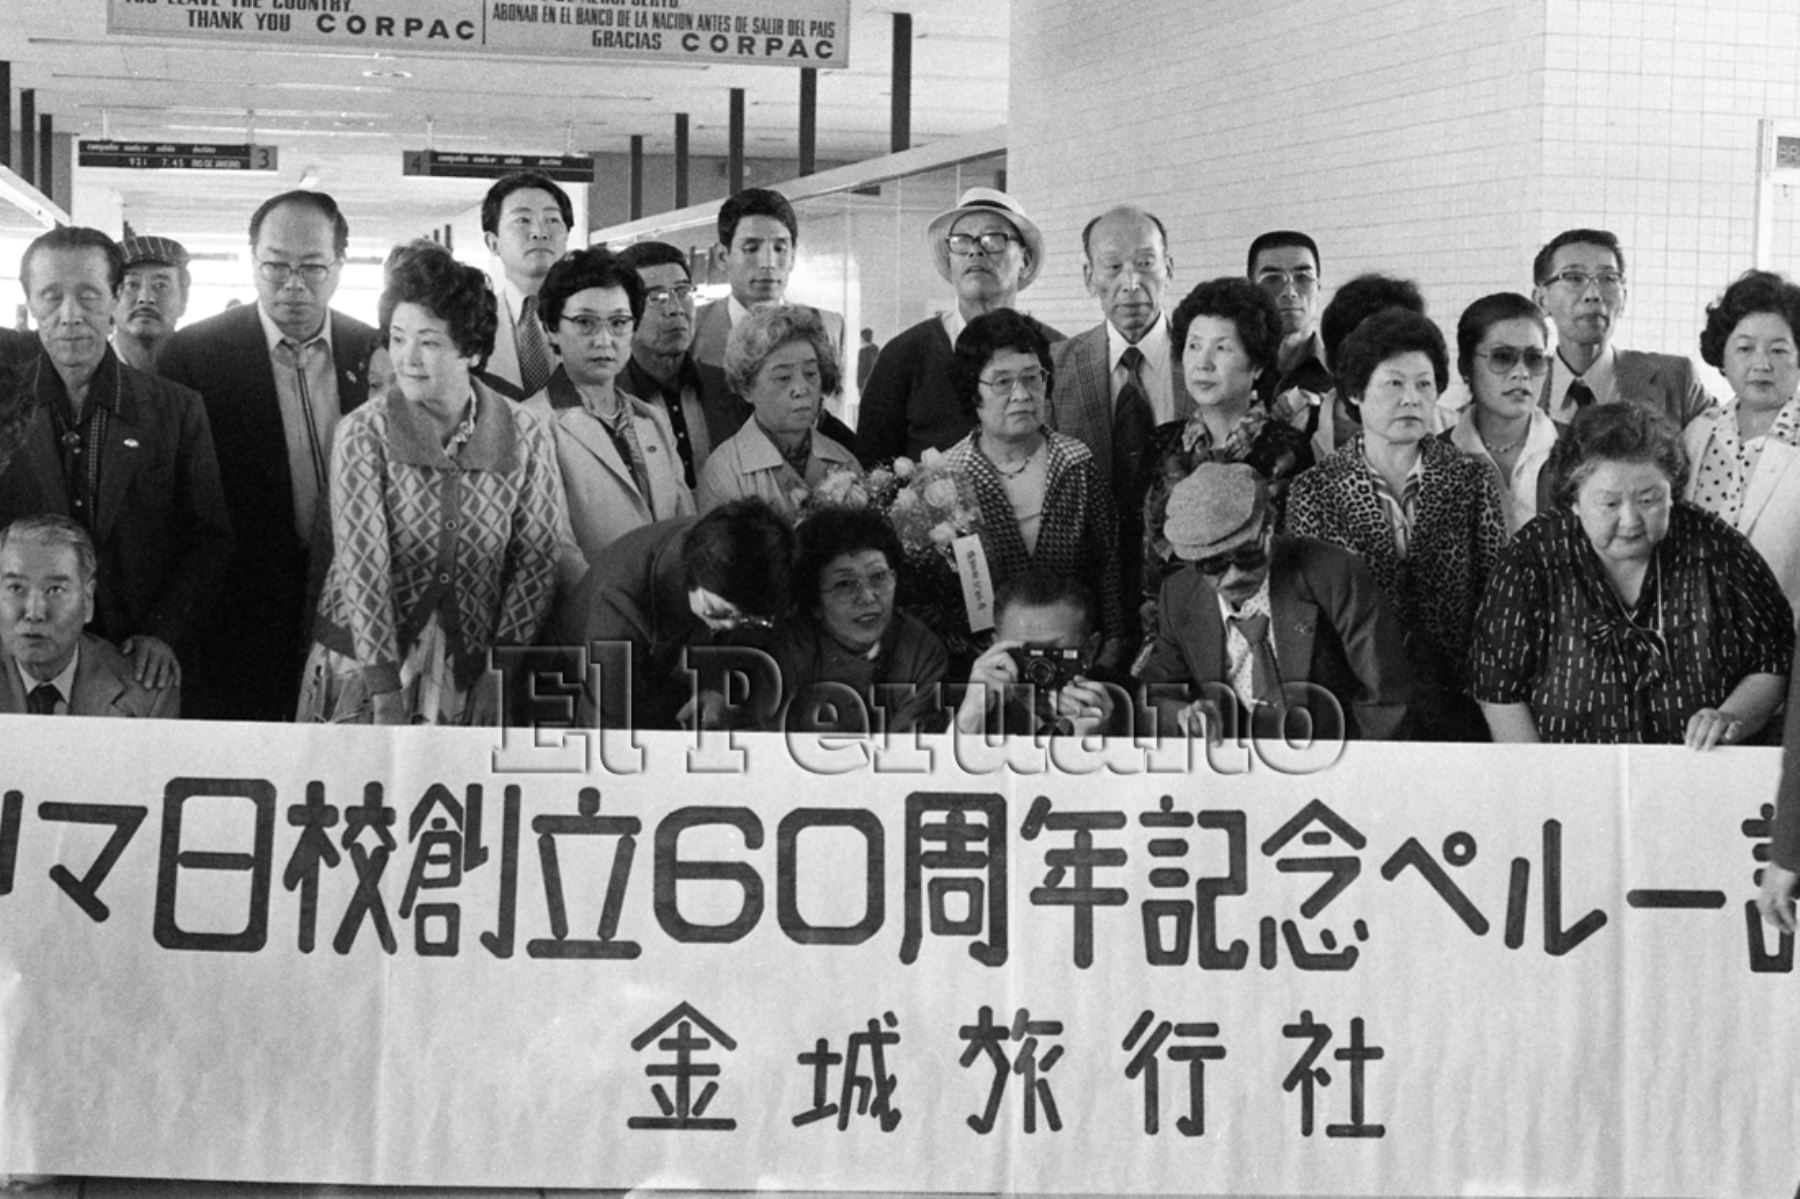 Callao - 16 agosto 1980 / Retorno de ciudadanos japones que fueron repatriados al Japón en 1940.